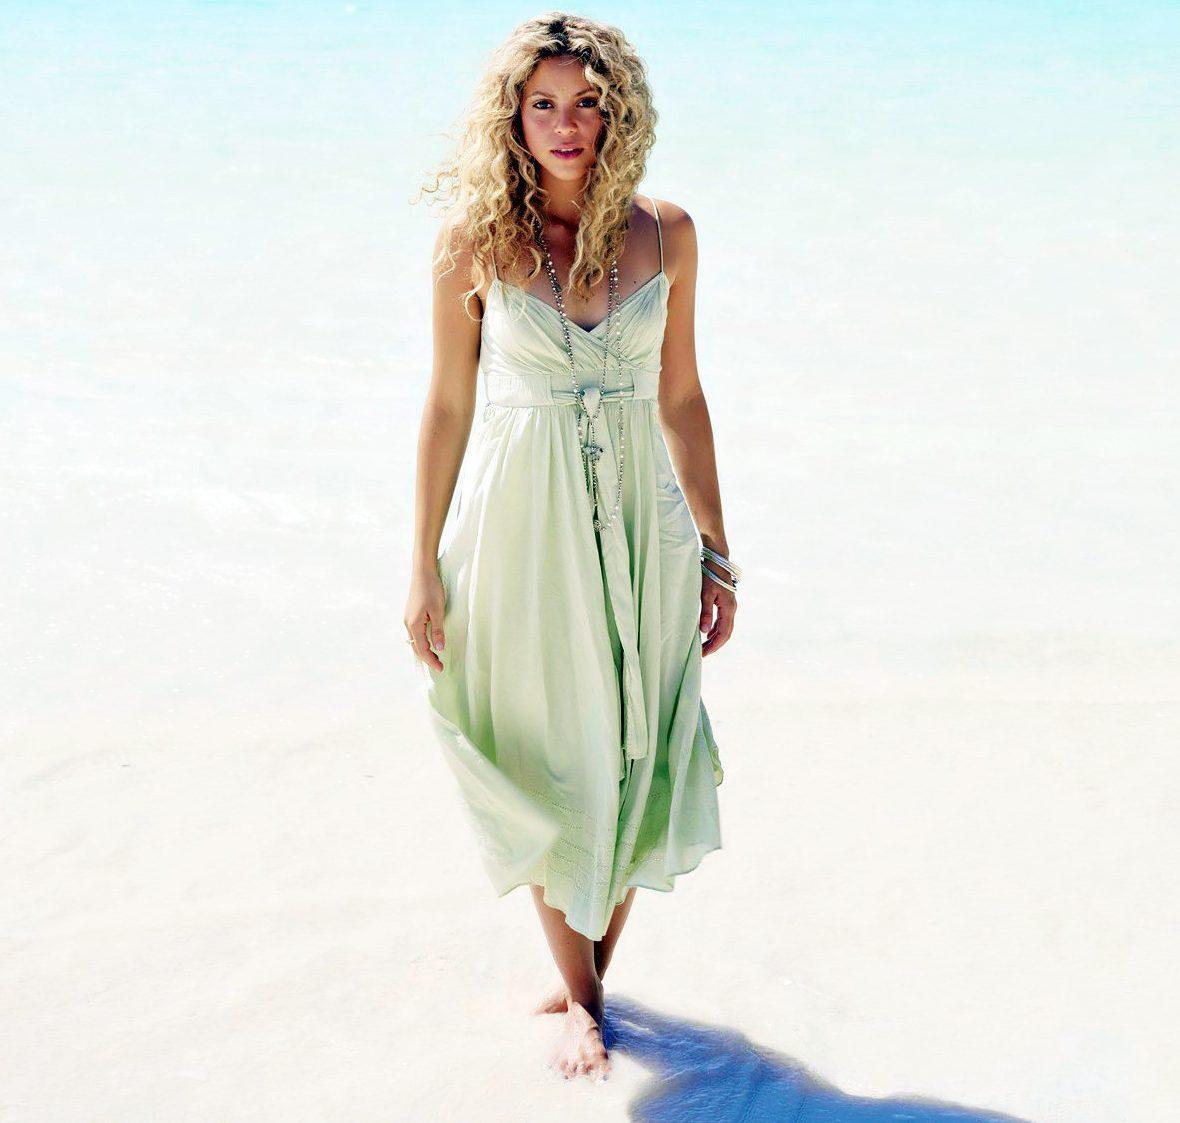 Правильная одежда в гардеробе фигуры груши - как одеваться женщине с широкими бедрами стильно?